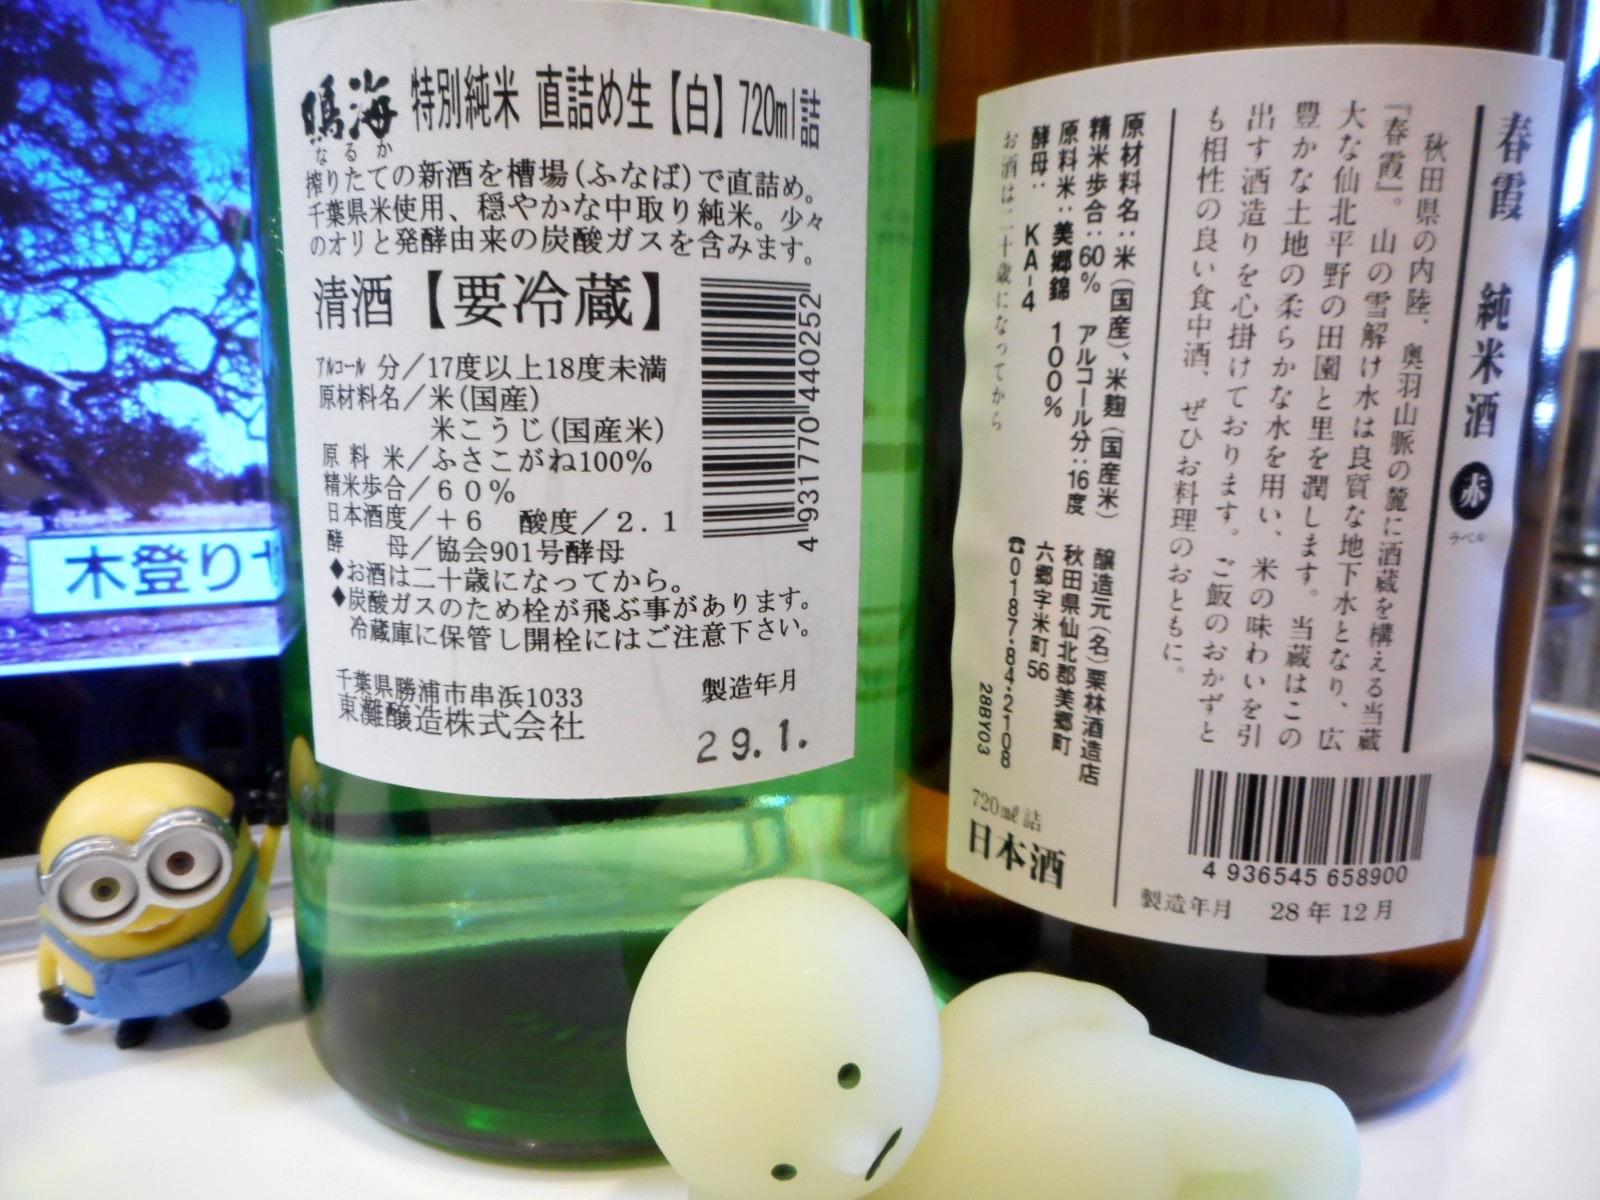 rokumaru_taka_naruka_harukasumi4.jpg